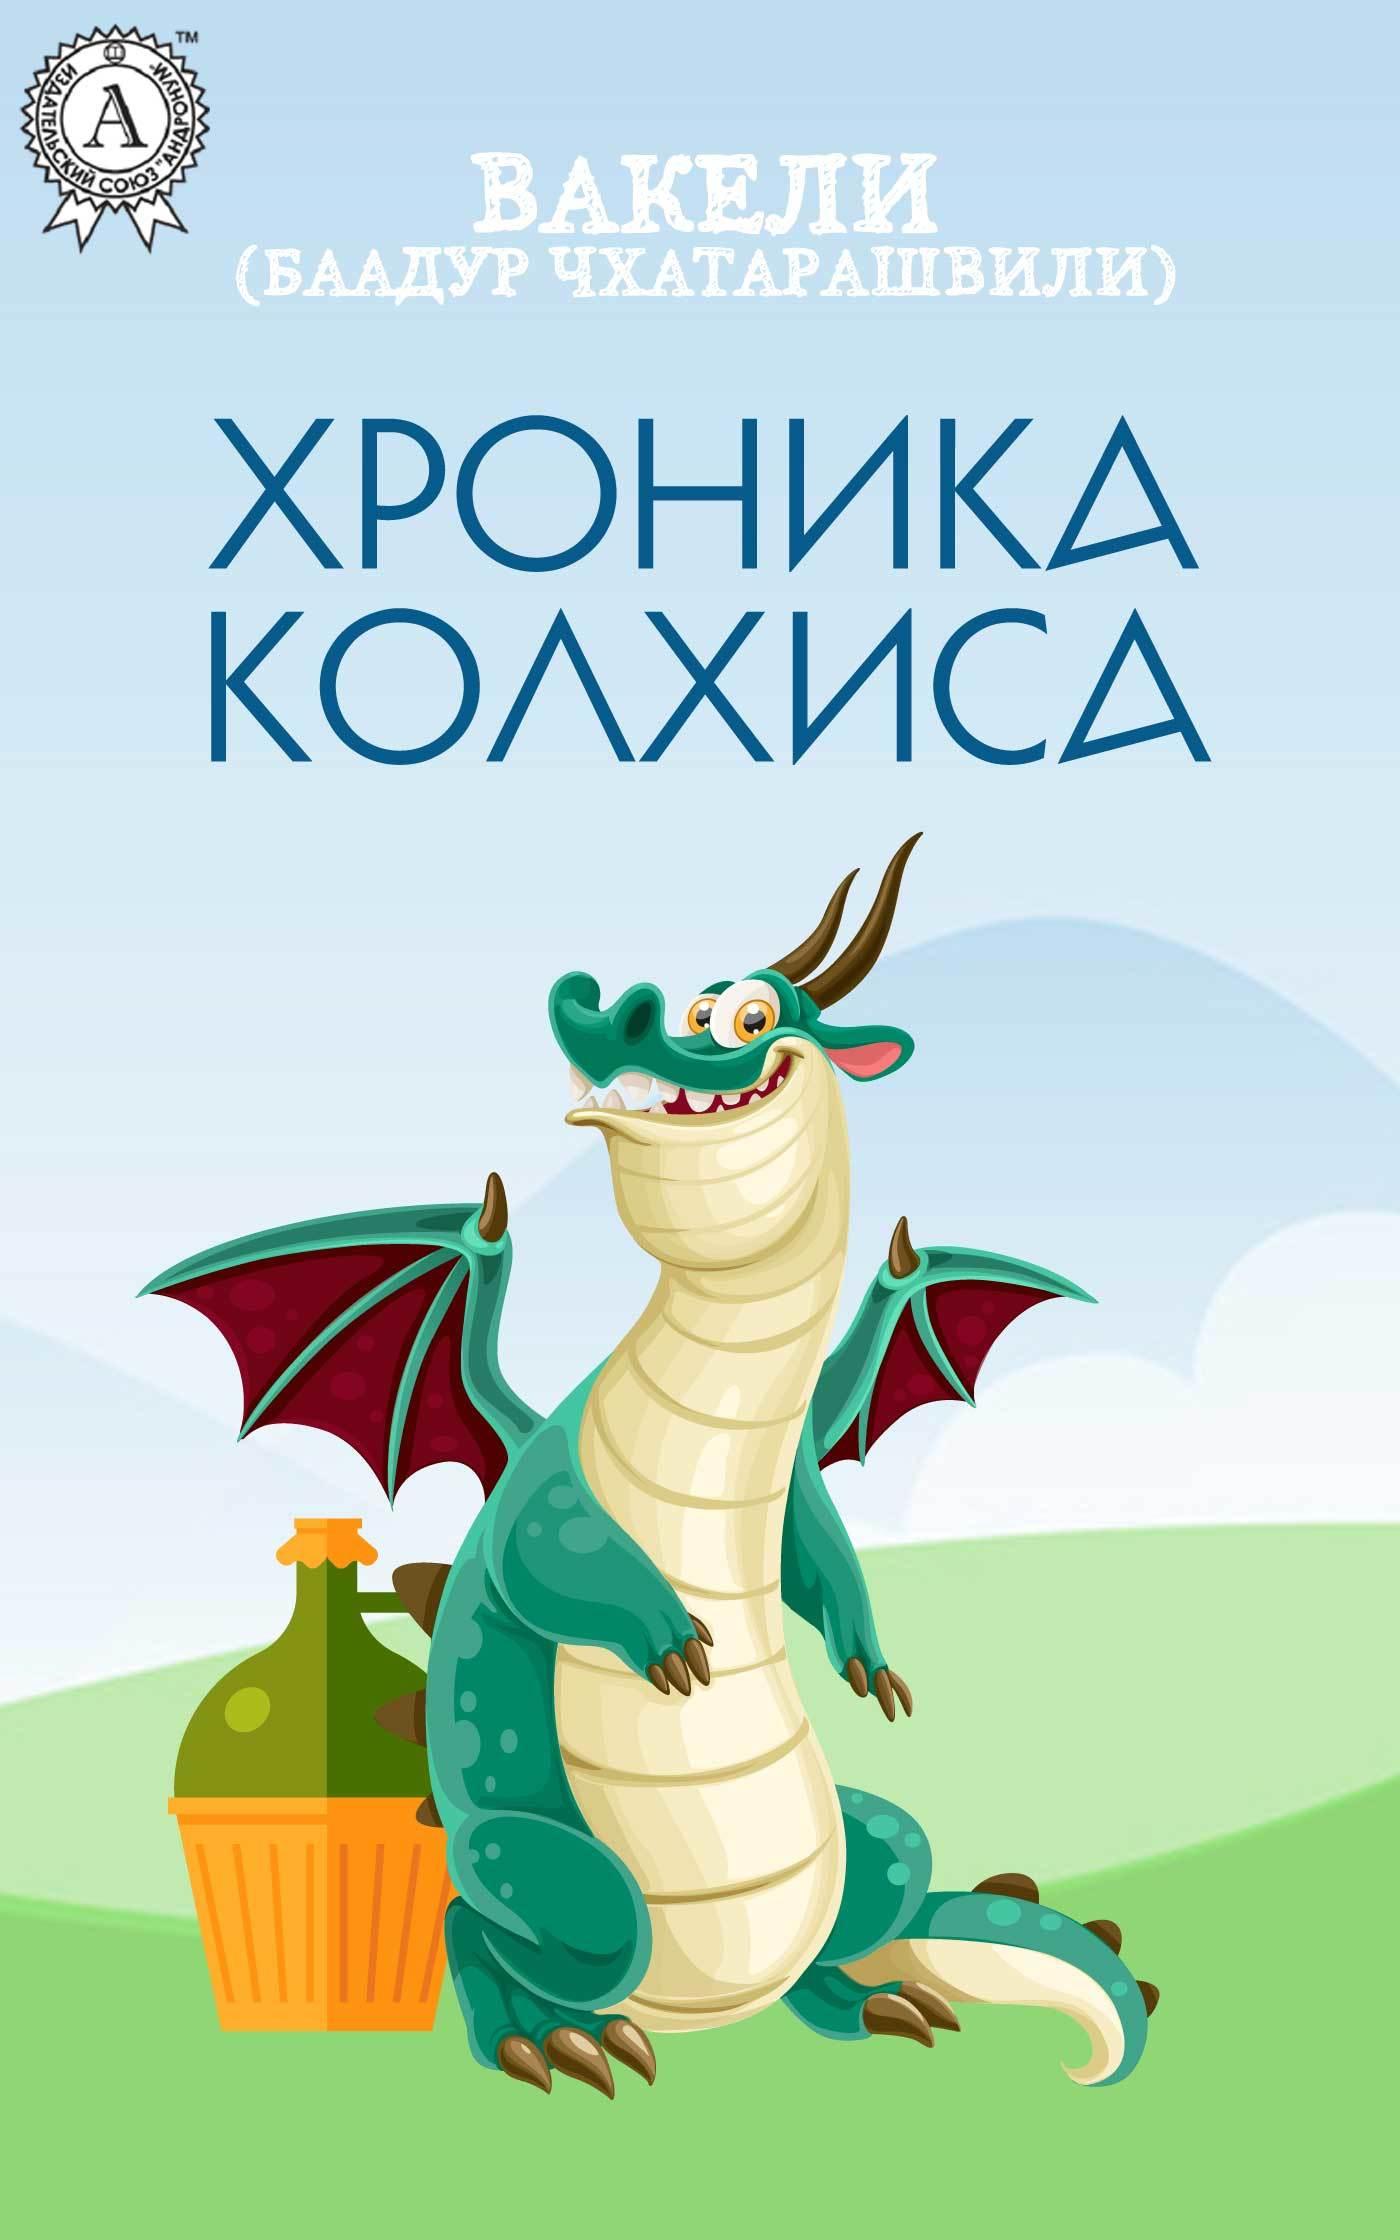 Вакели Хроника Колхиса ханкук фрикса на ладу гранту